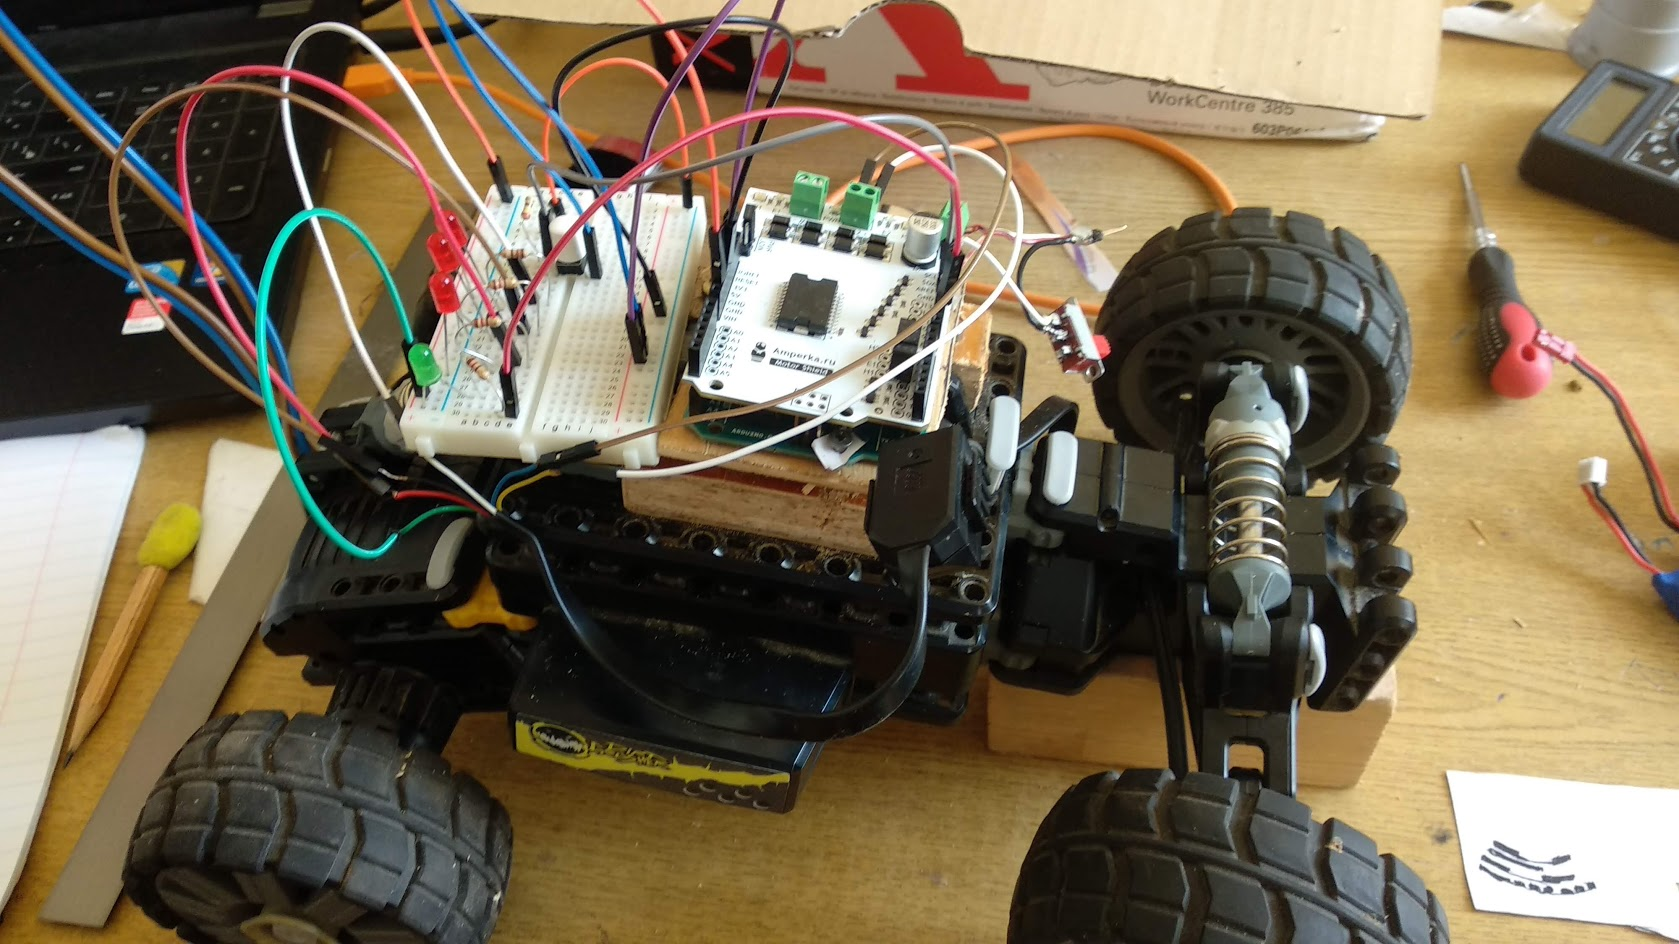 Машинка на Arduino, управляемая Android-устройством по Bluetooth, — полный цикл (часть 1) - 8